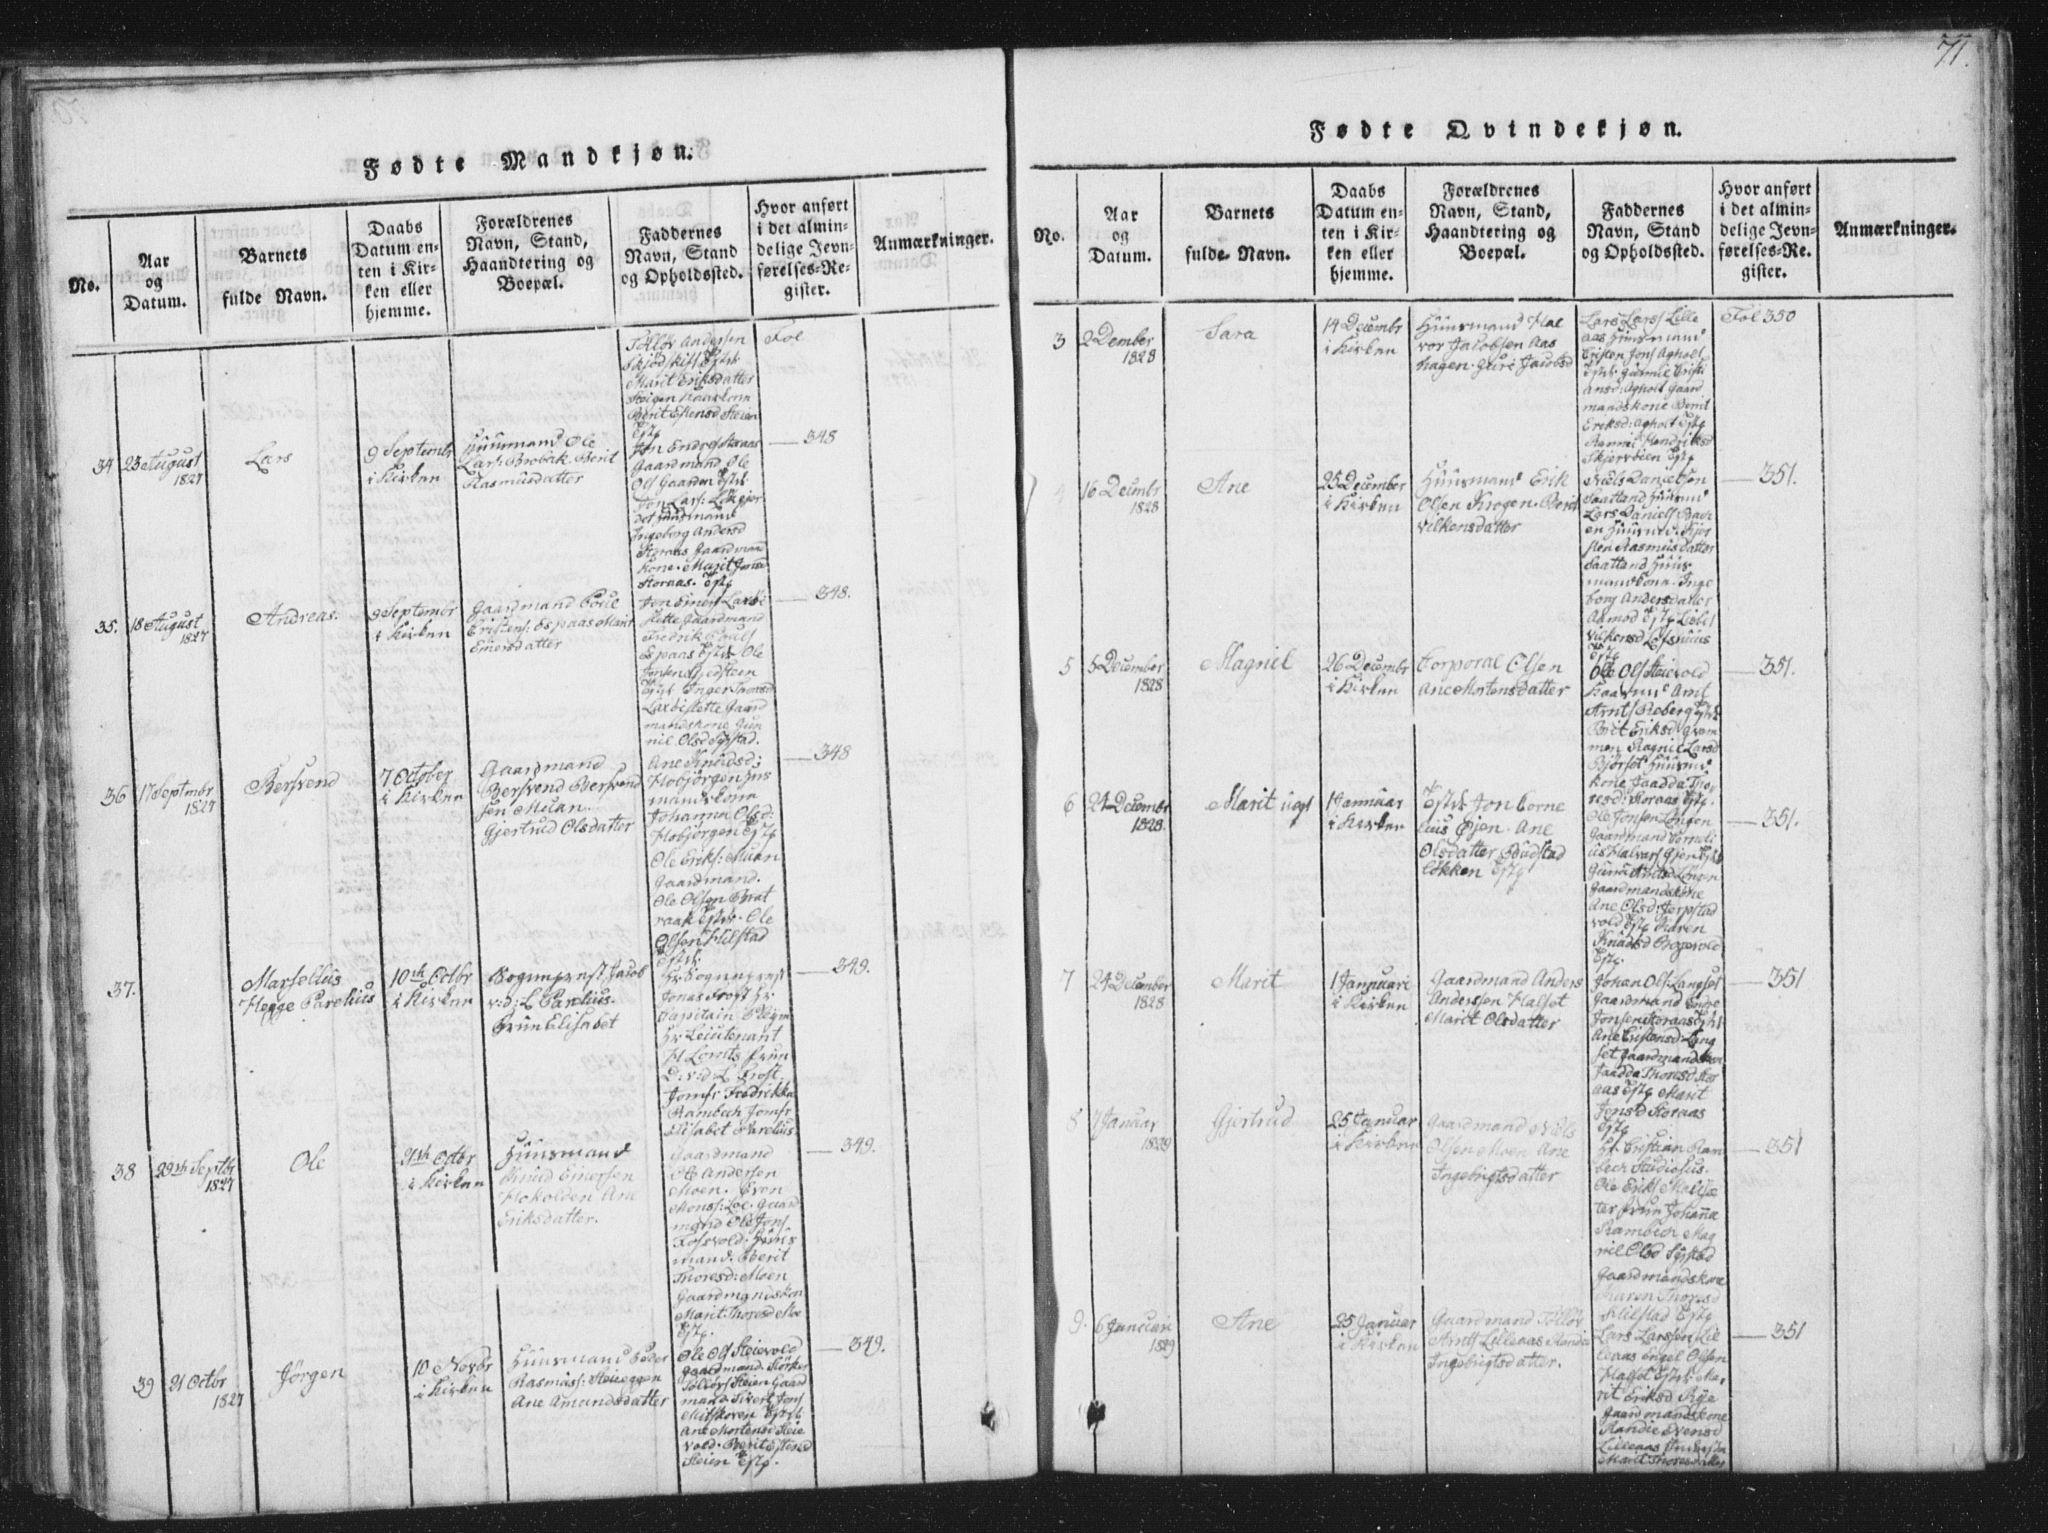 SAT, Ministerialprotokoller, klokkerbøker og fødselsregistre - Sør-Trøndelag, 672/L0862: Klokkerbok nr. 672C01, 1816-1831, s. 71